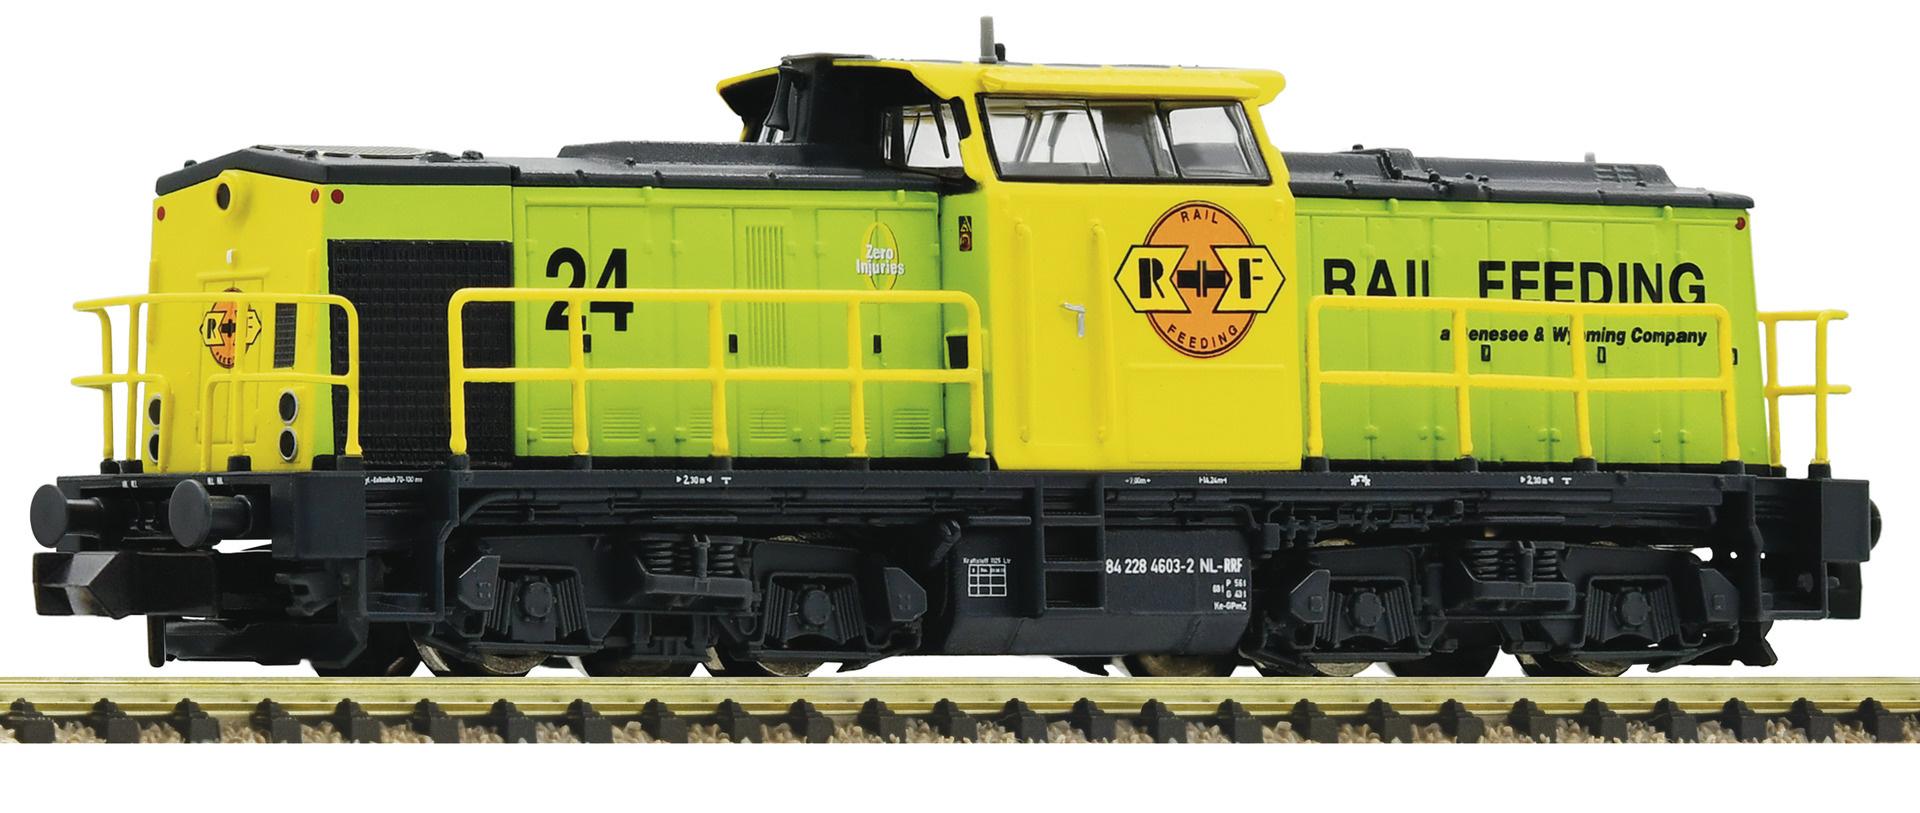 721015 diesellocomotief van de RRF Nederland-1